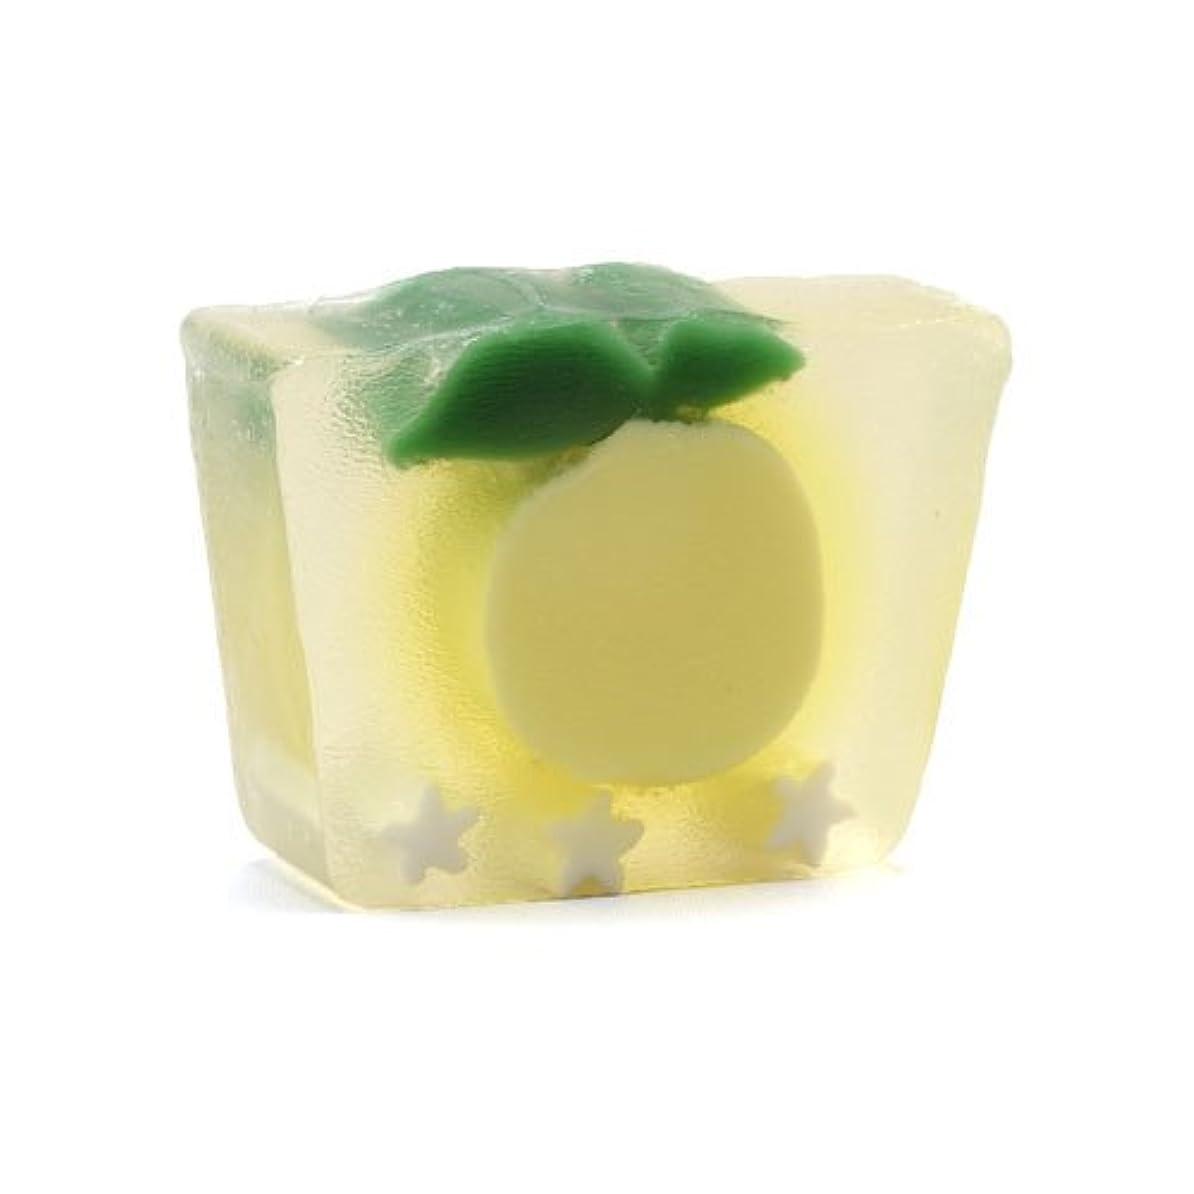 ペパーミント変装したメッシュプライモールエレメンツ アロマティック ミニソープ カリフォルニアレモン 80g 植物性 ナチュラル 石鹸 無添加